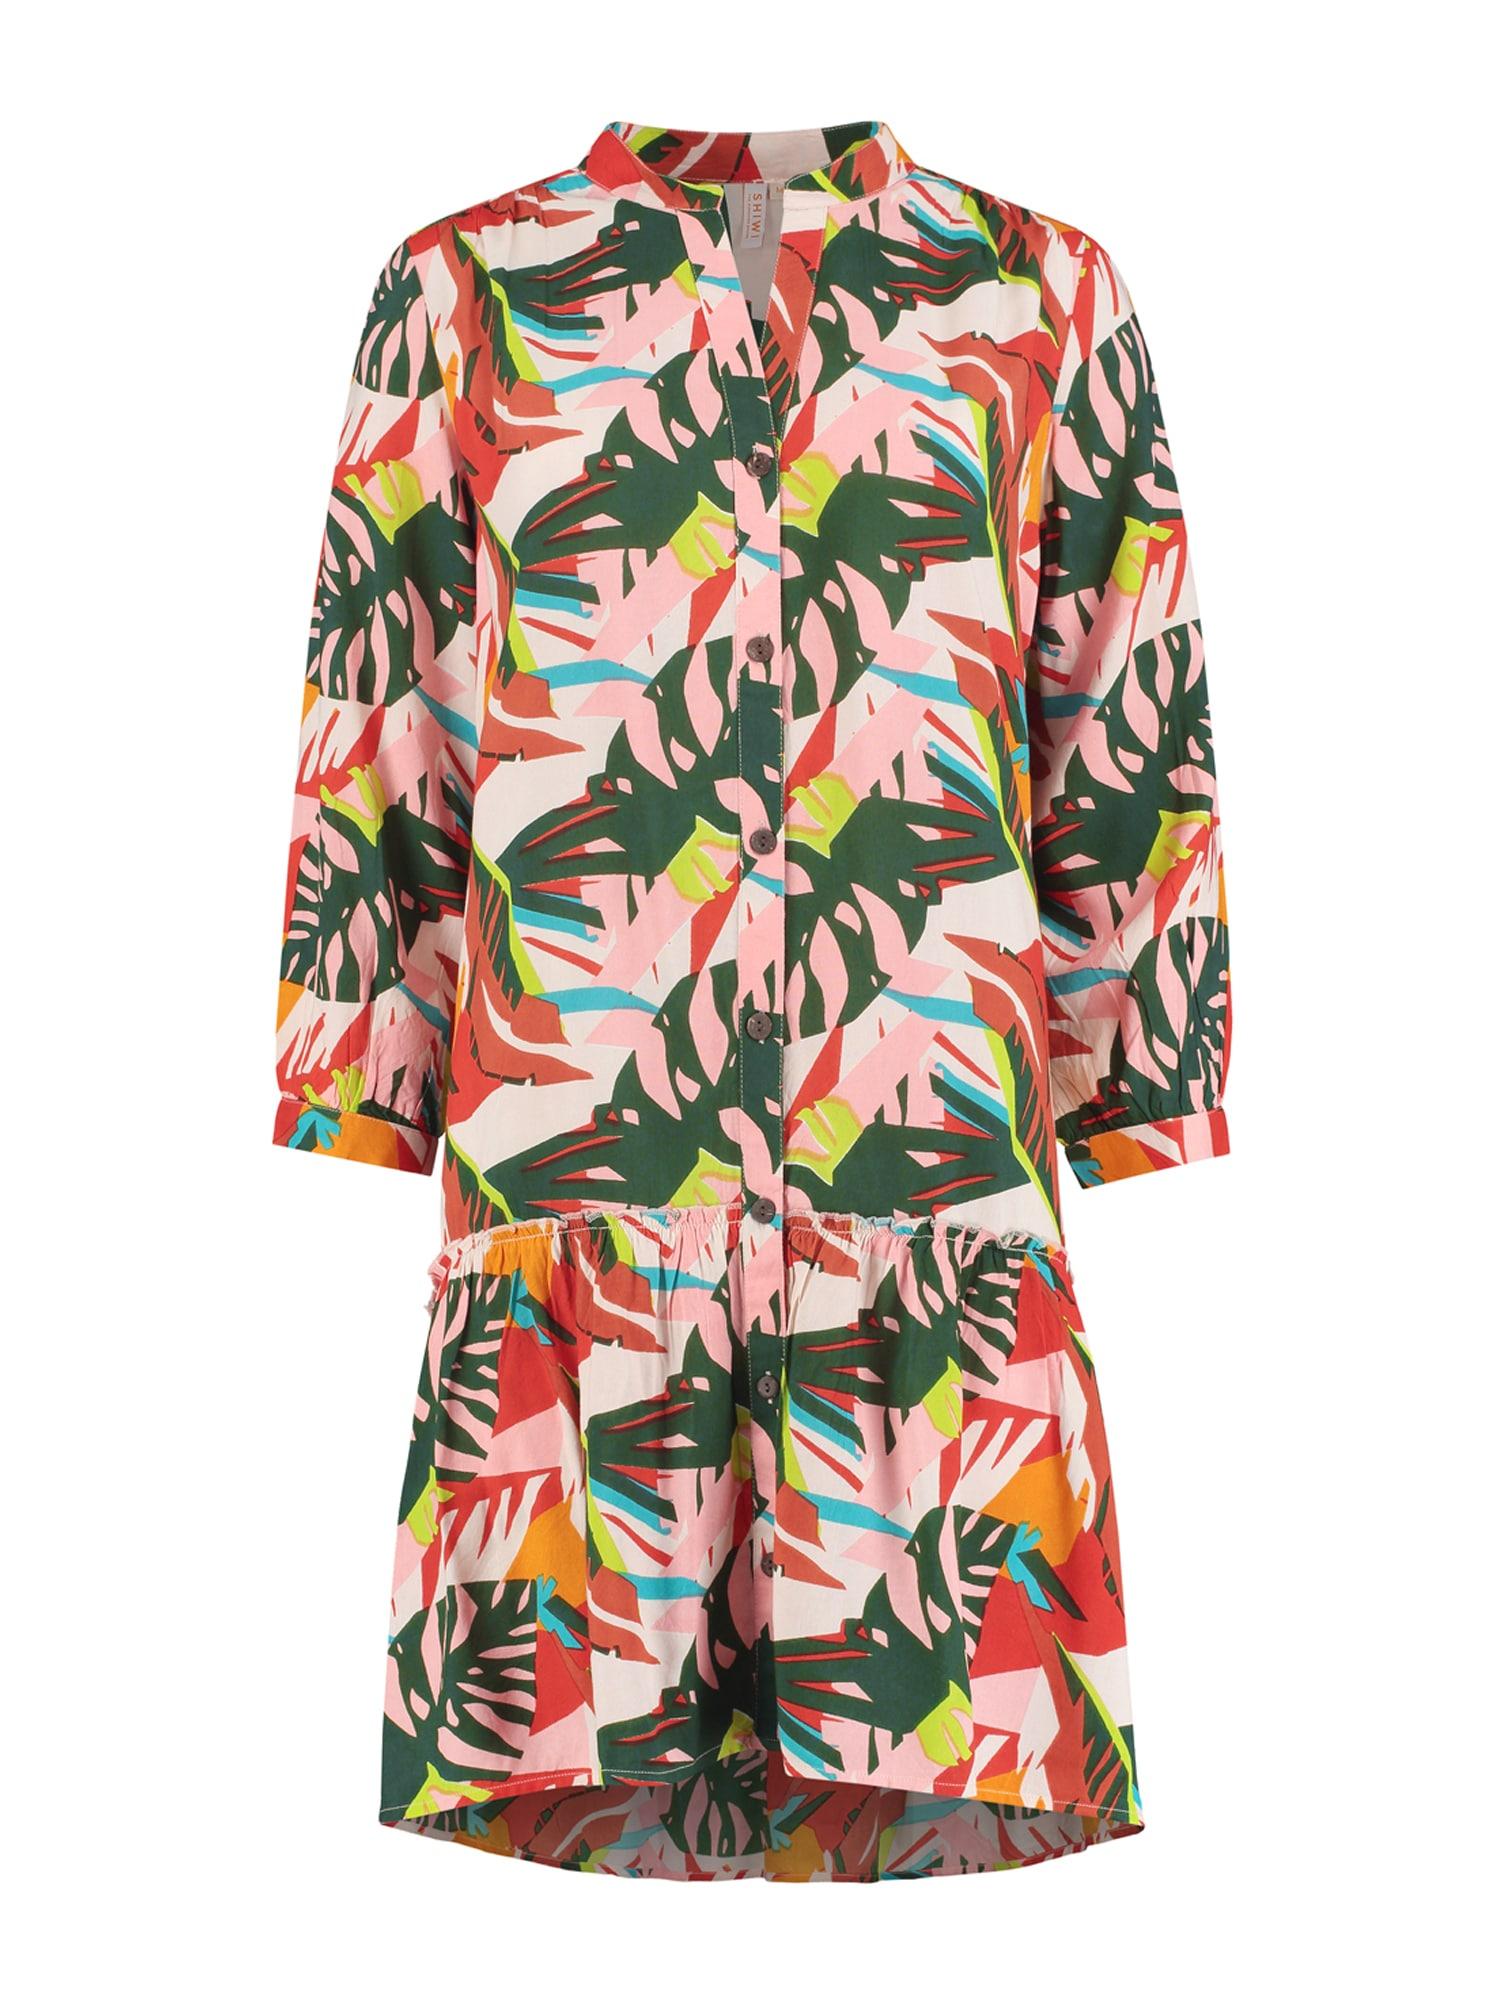 Shiwi Palaidinės tipo suknelė mišrios spalvos